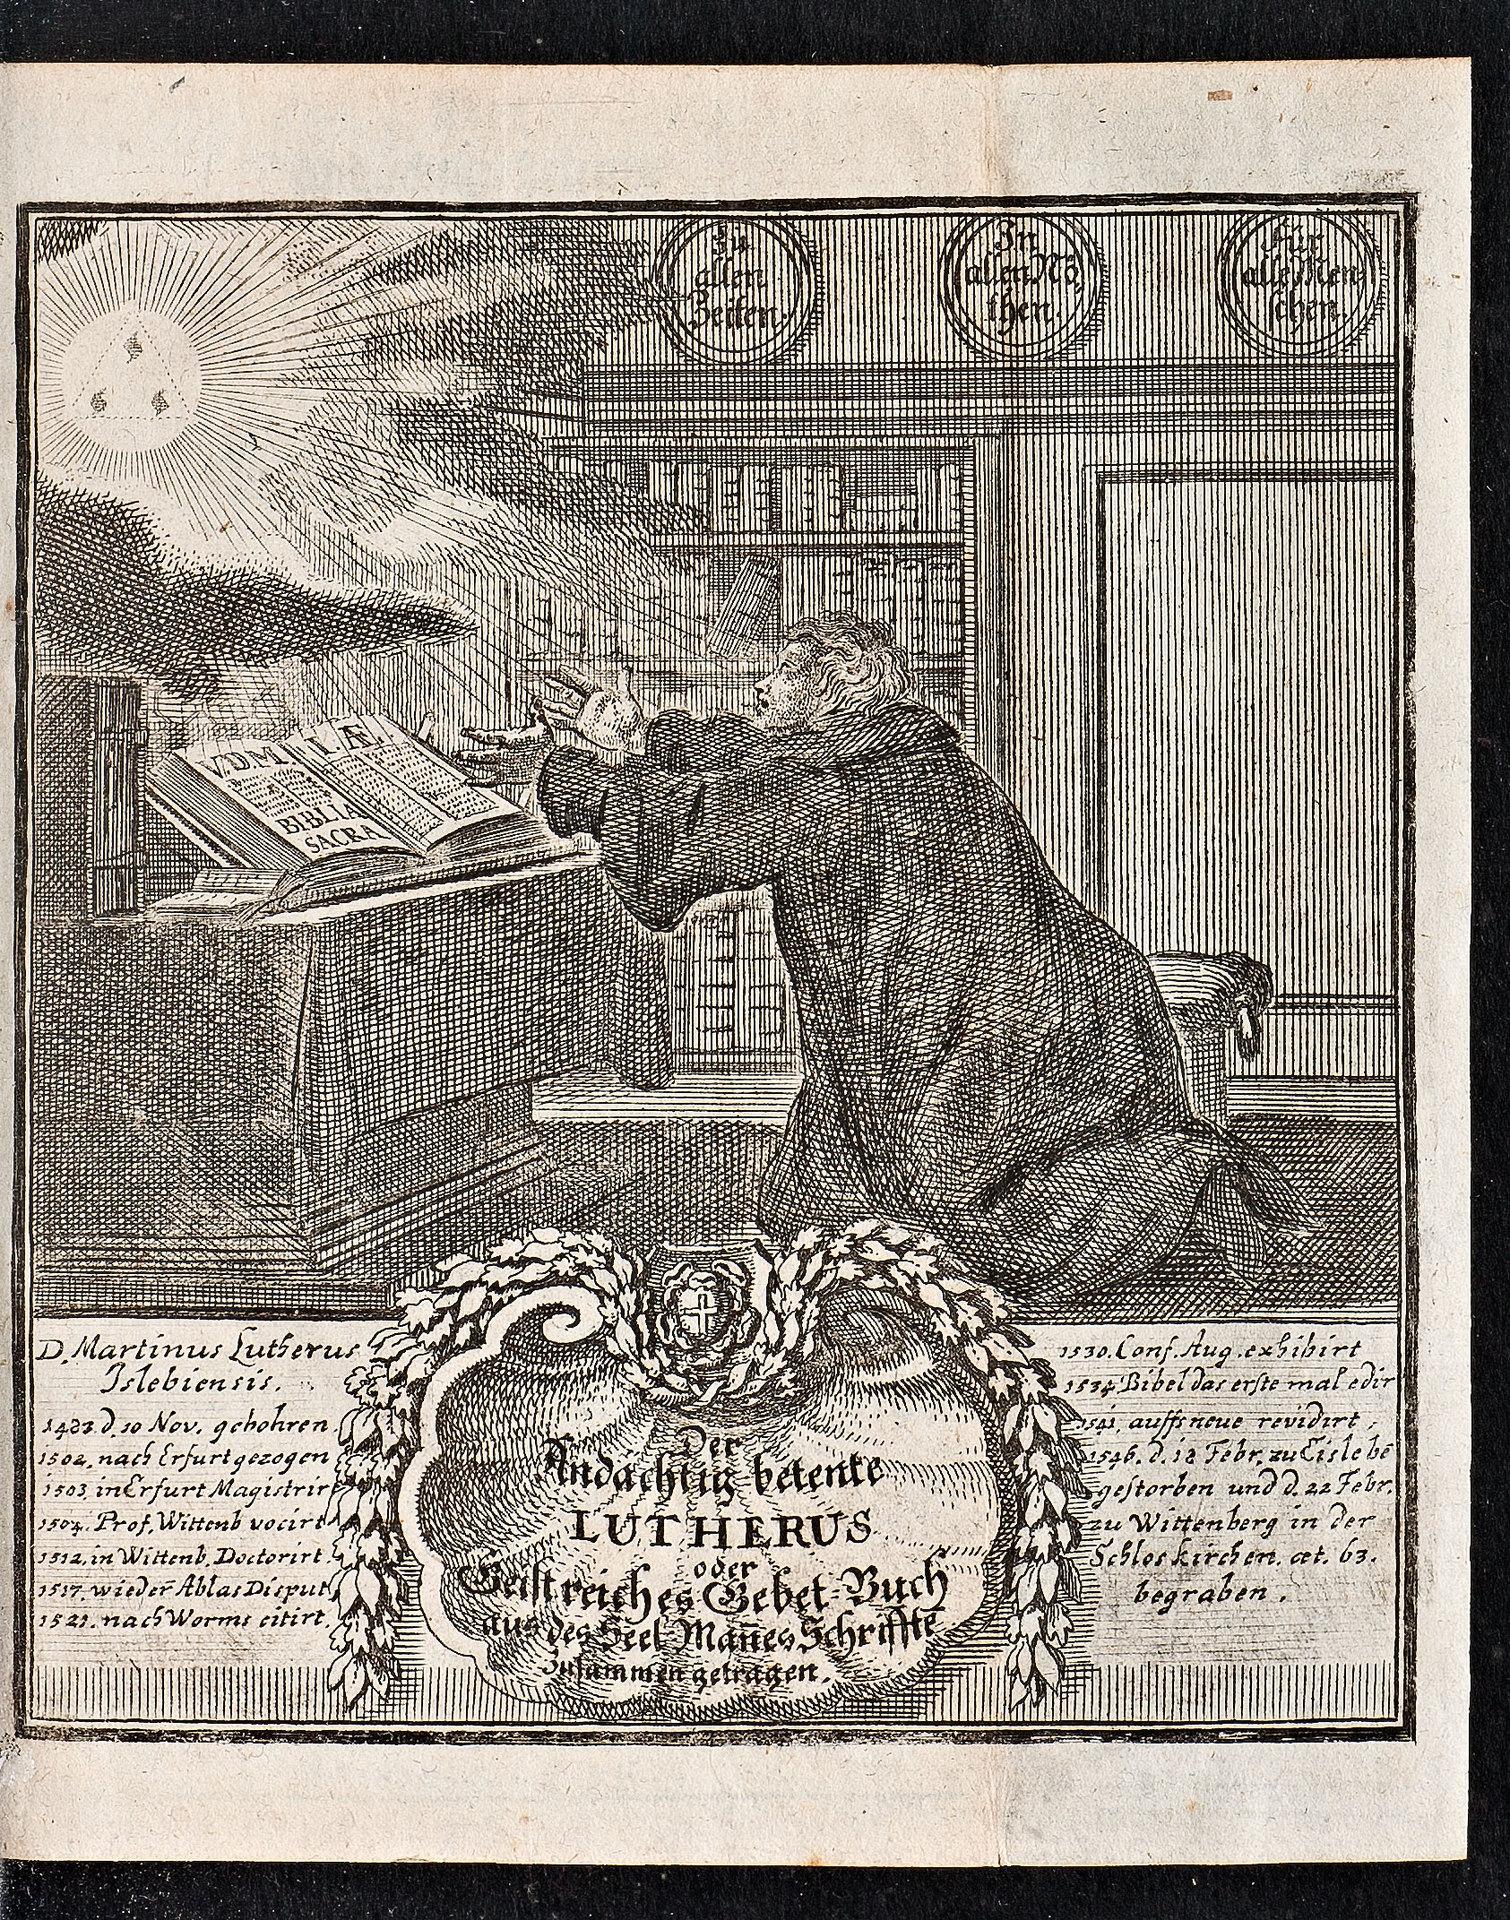 Der andächtig betende Lutherus